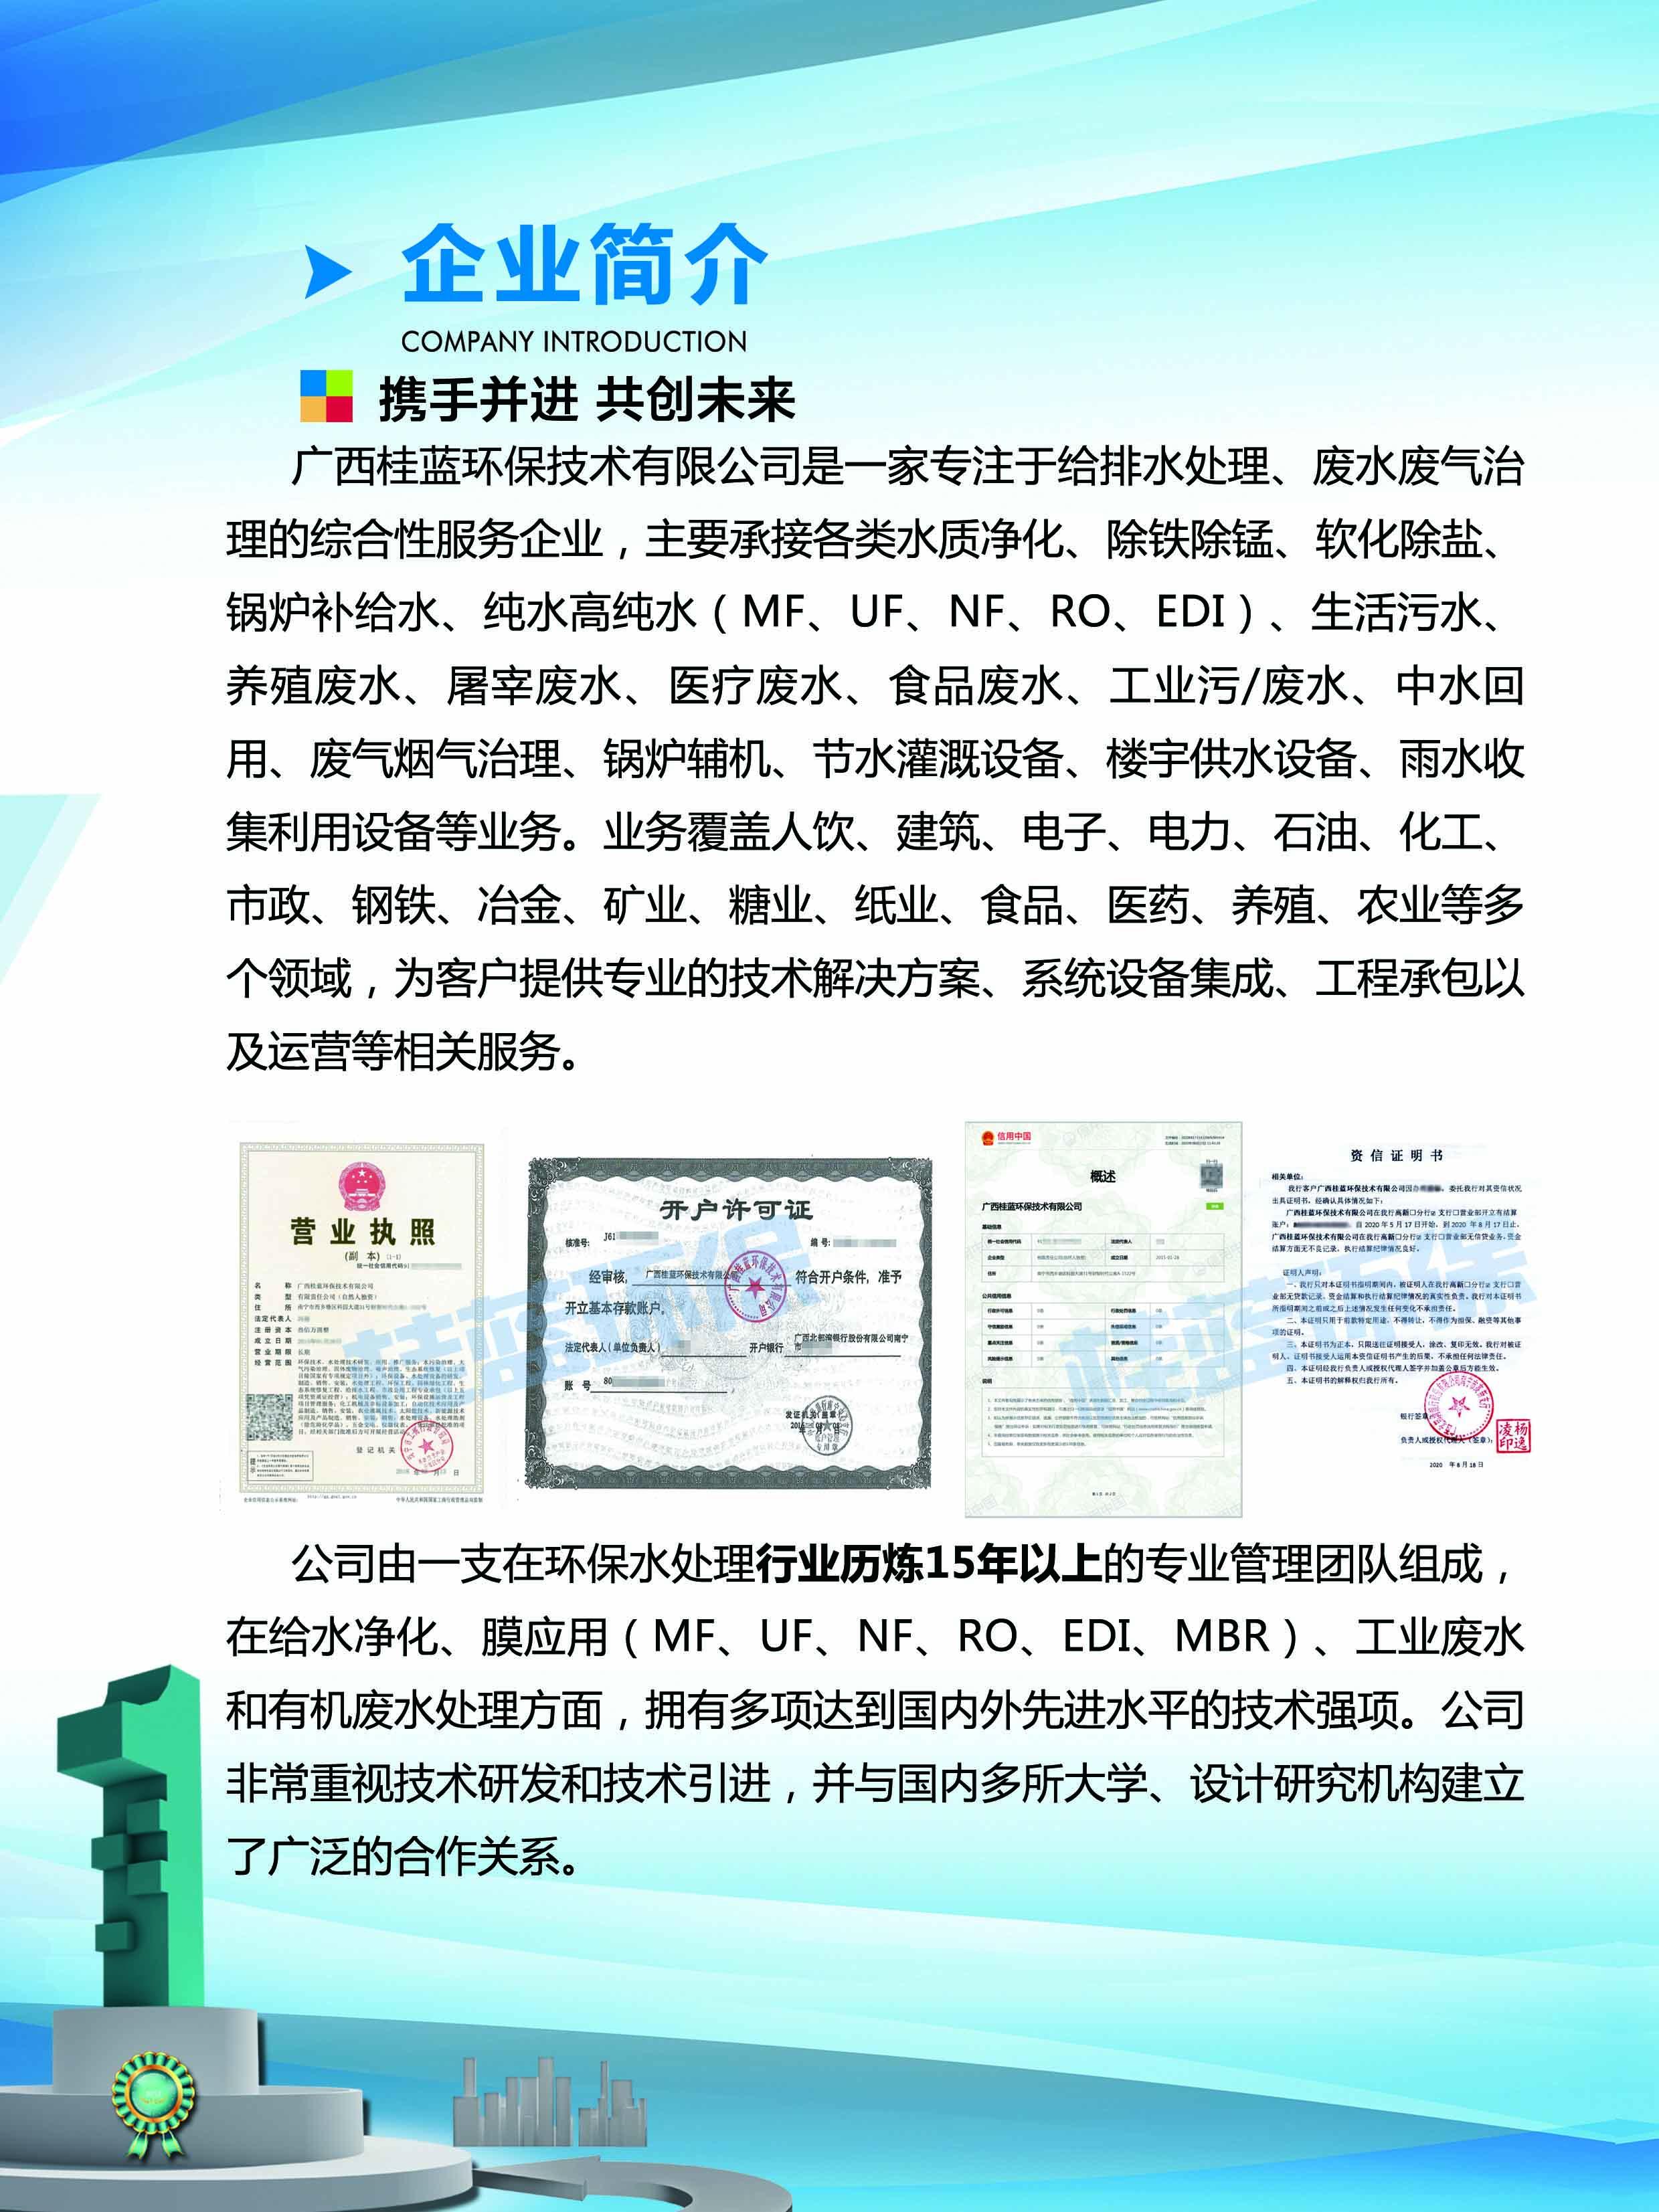 11.27 企业工厂介绍 1 .jpg